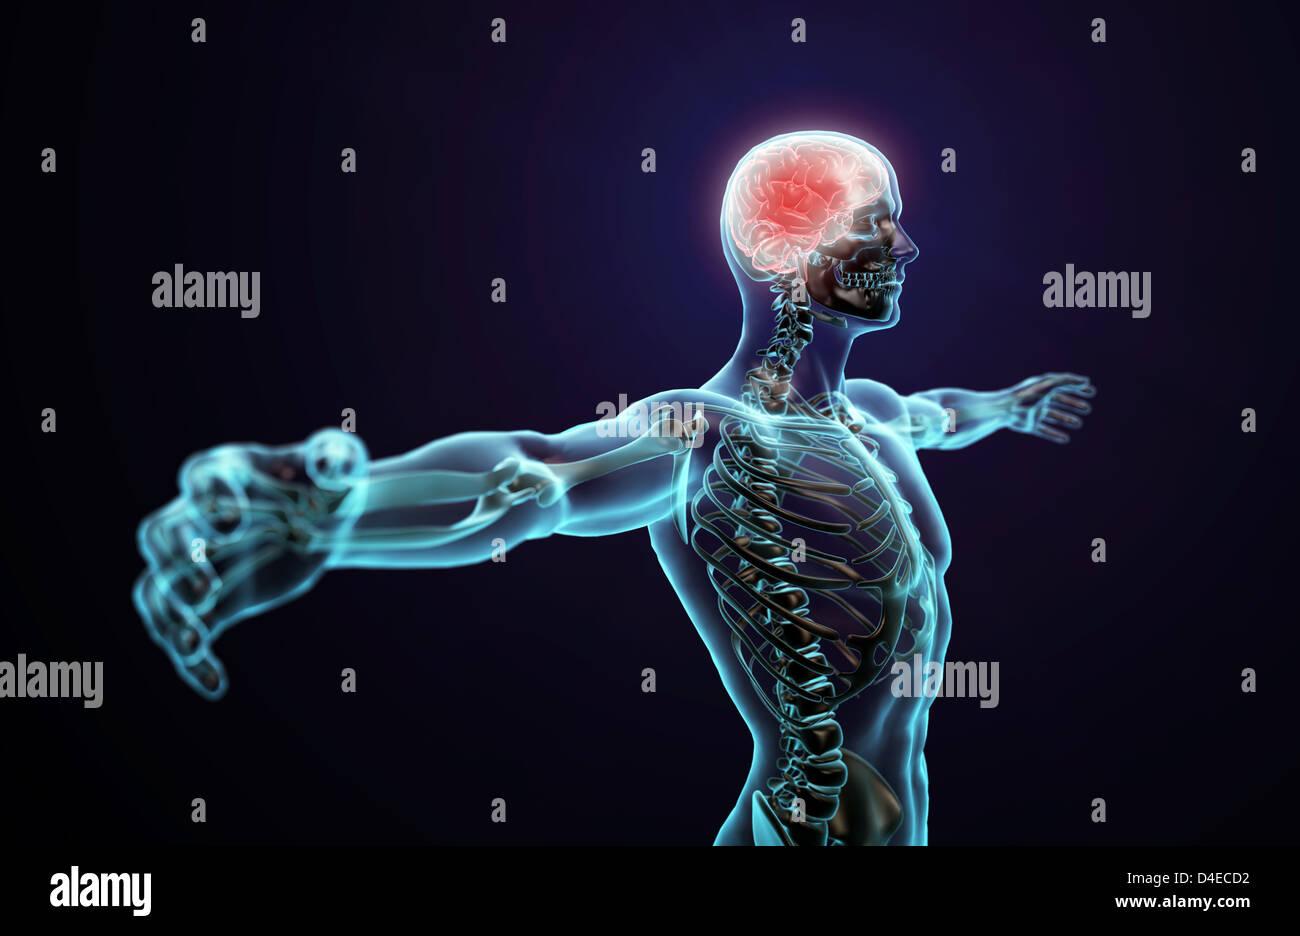 Illustration Abstract Spine Brain Stockfotos & Illustration Abstract ...